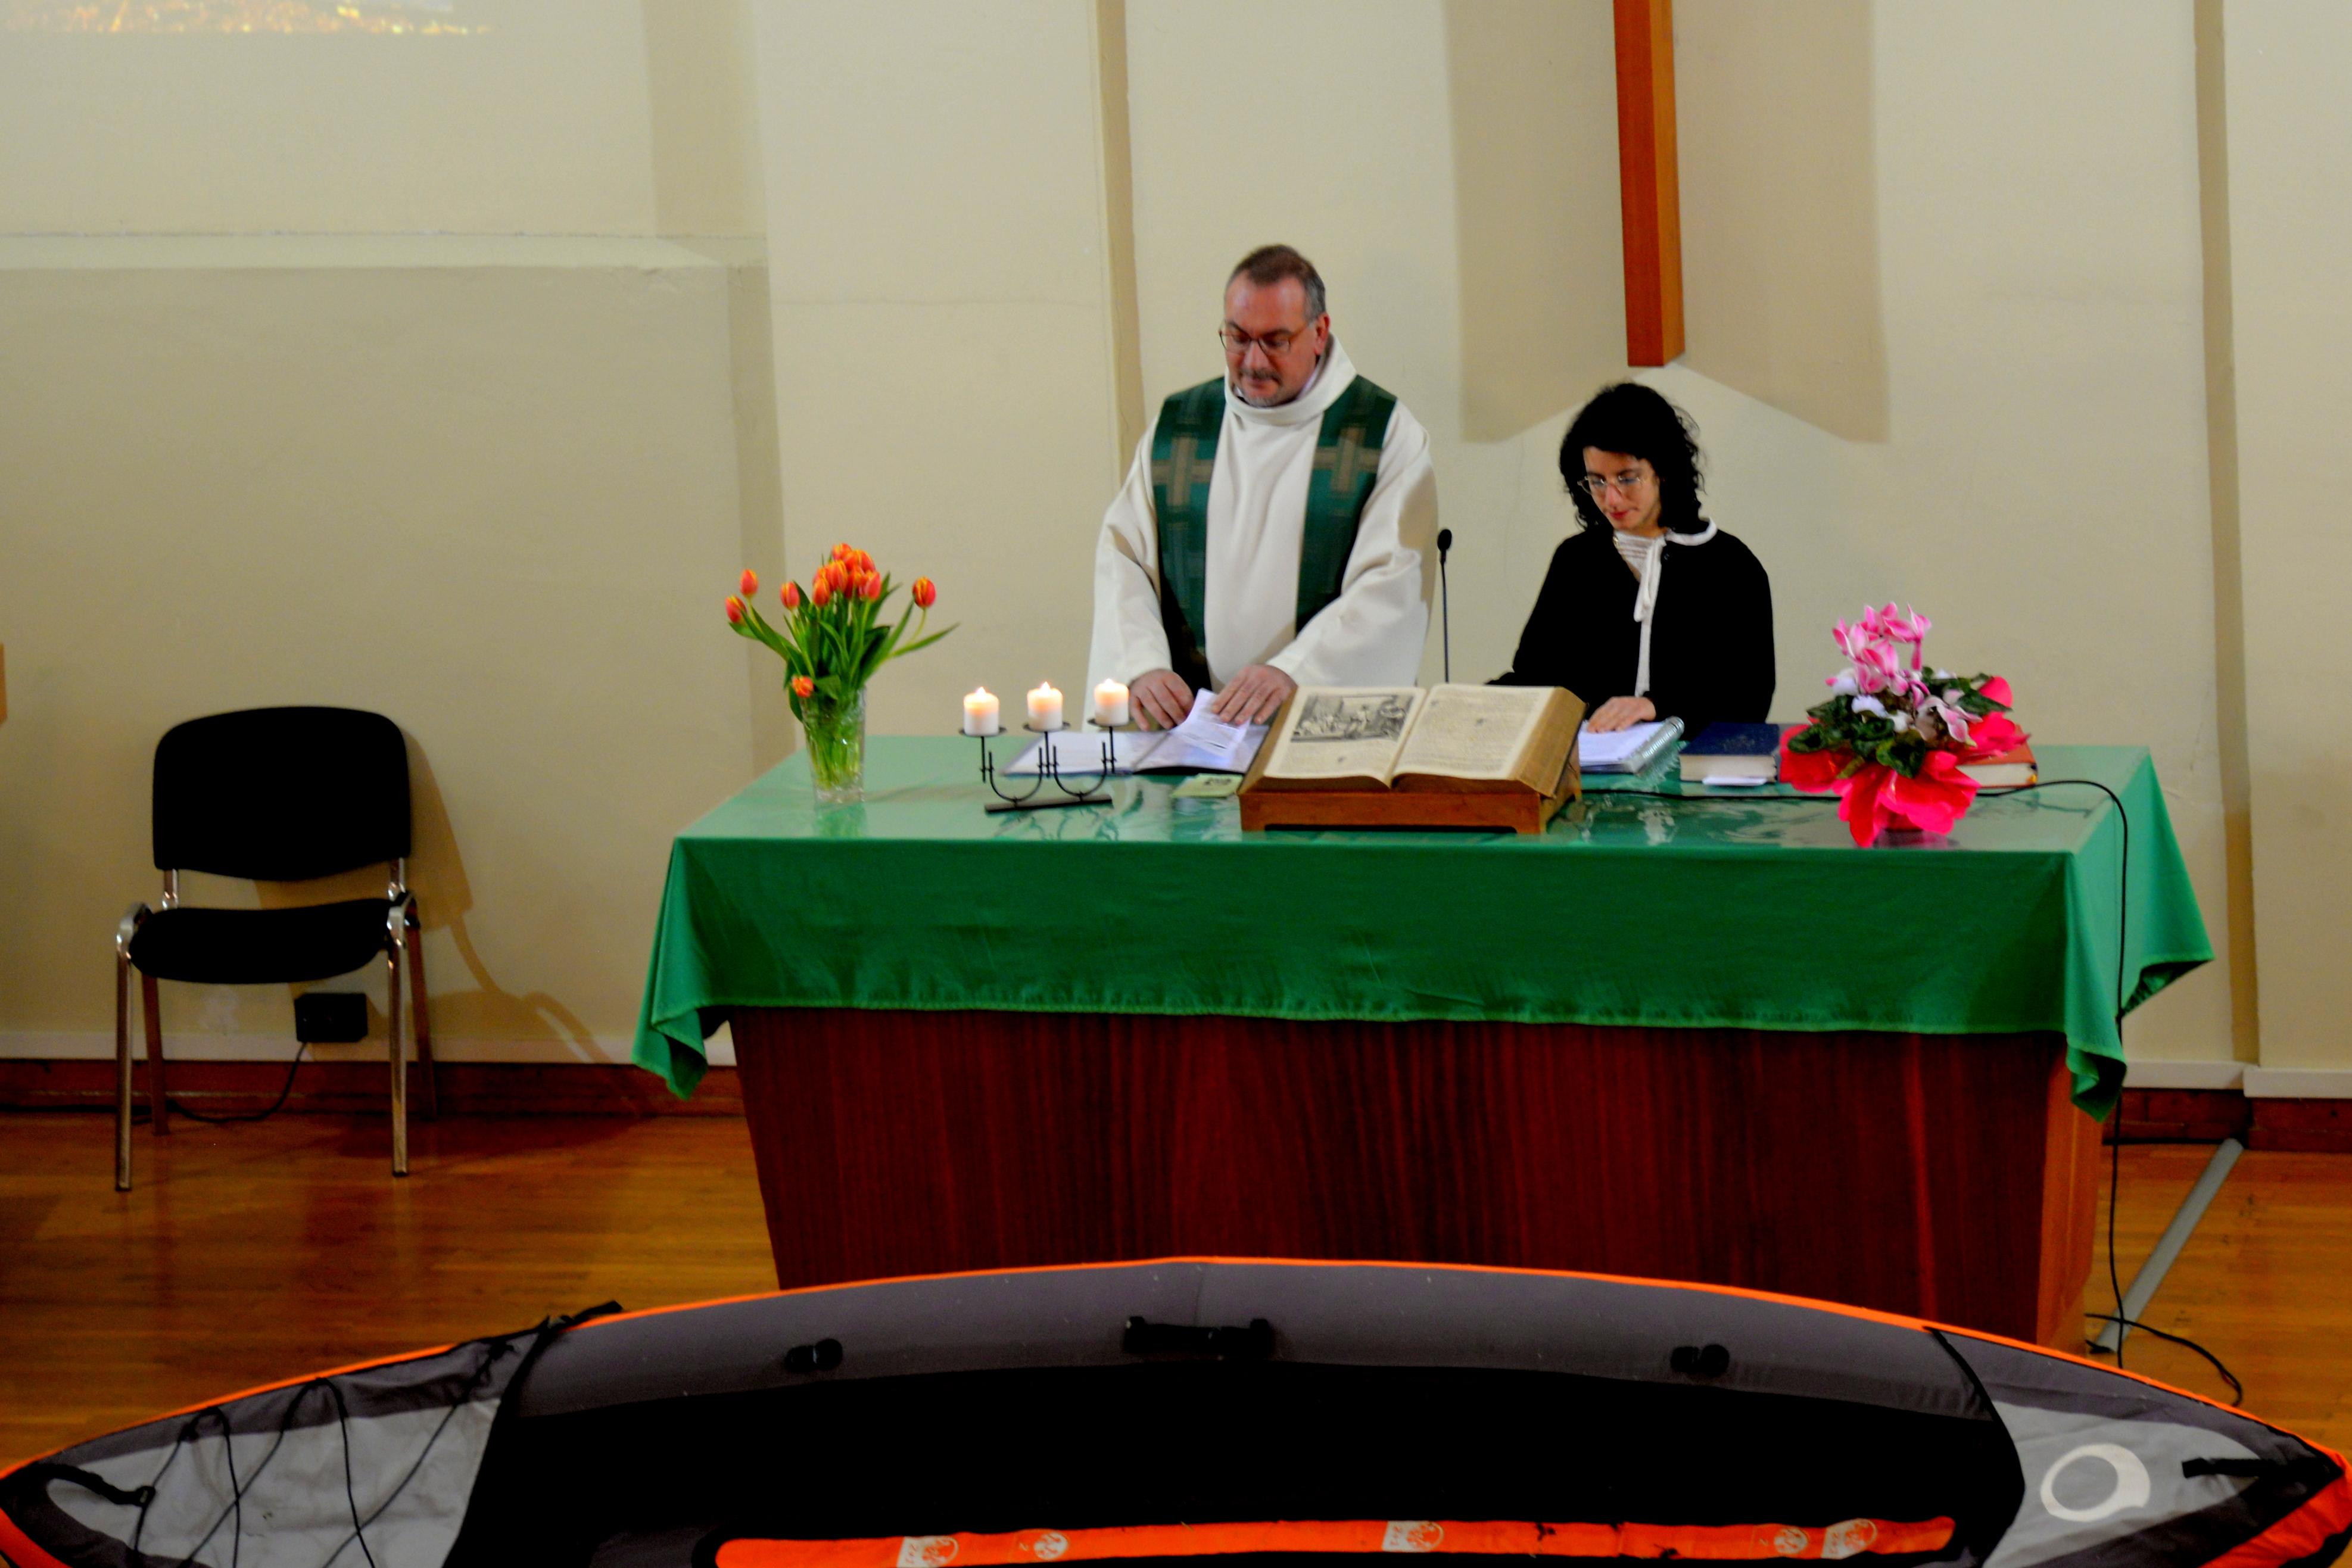 Semaine de prière pour l'unité des chrétiens dimanche 18 janvier 2020